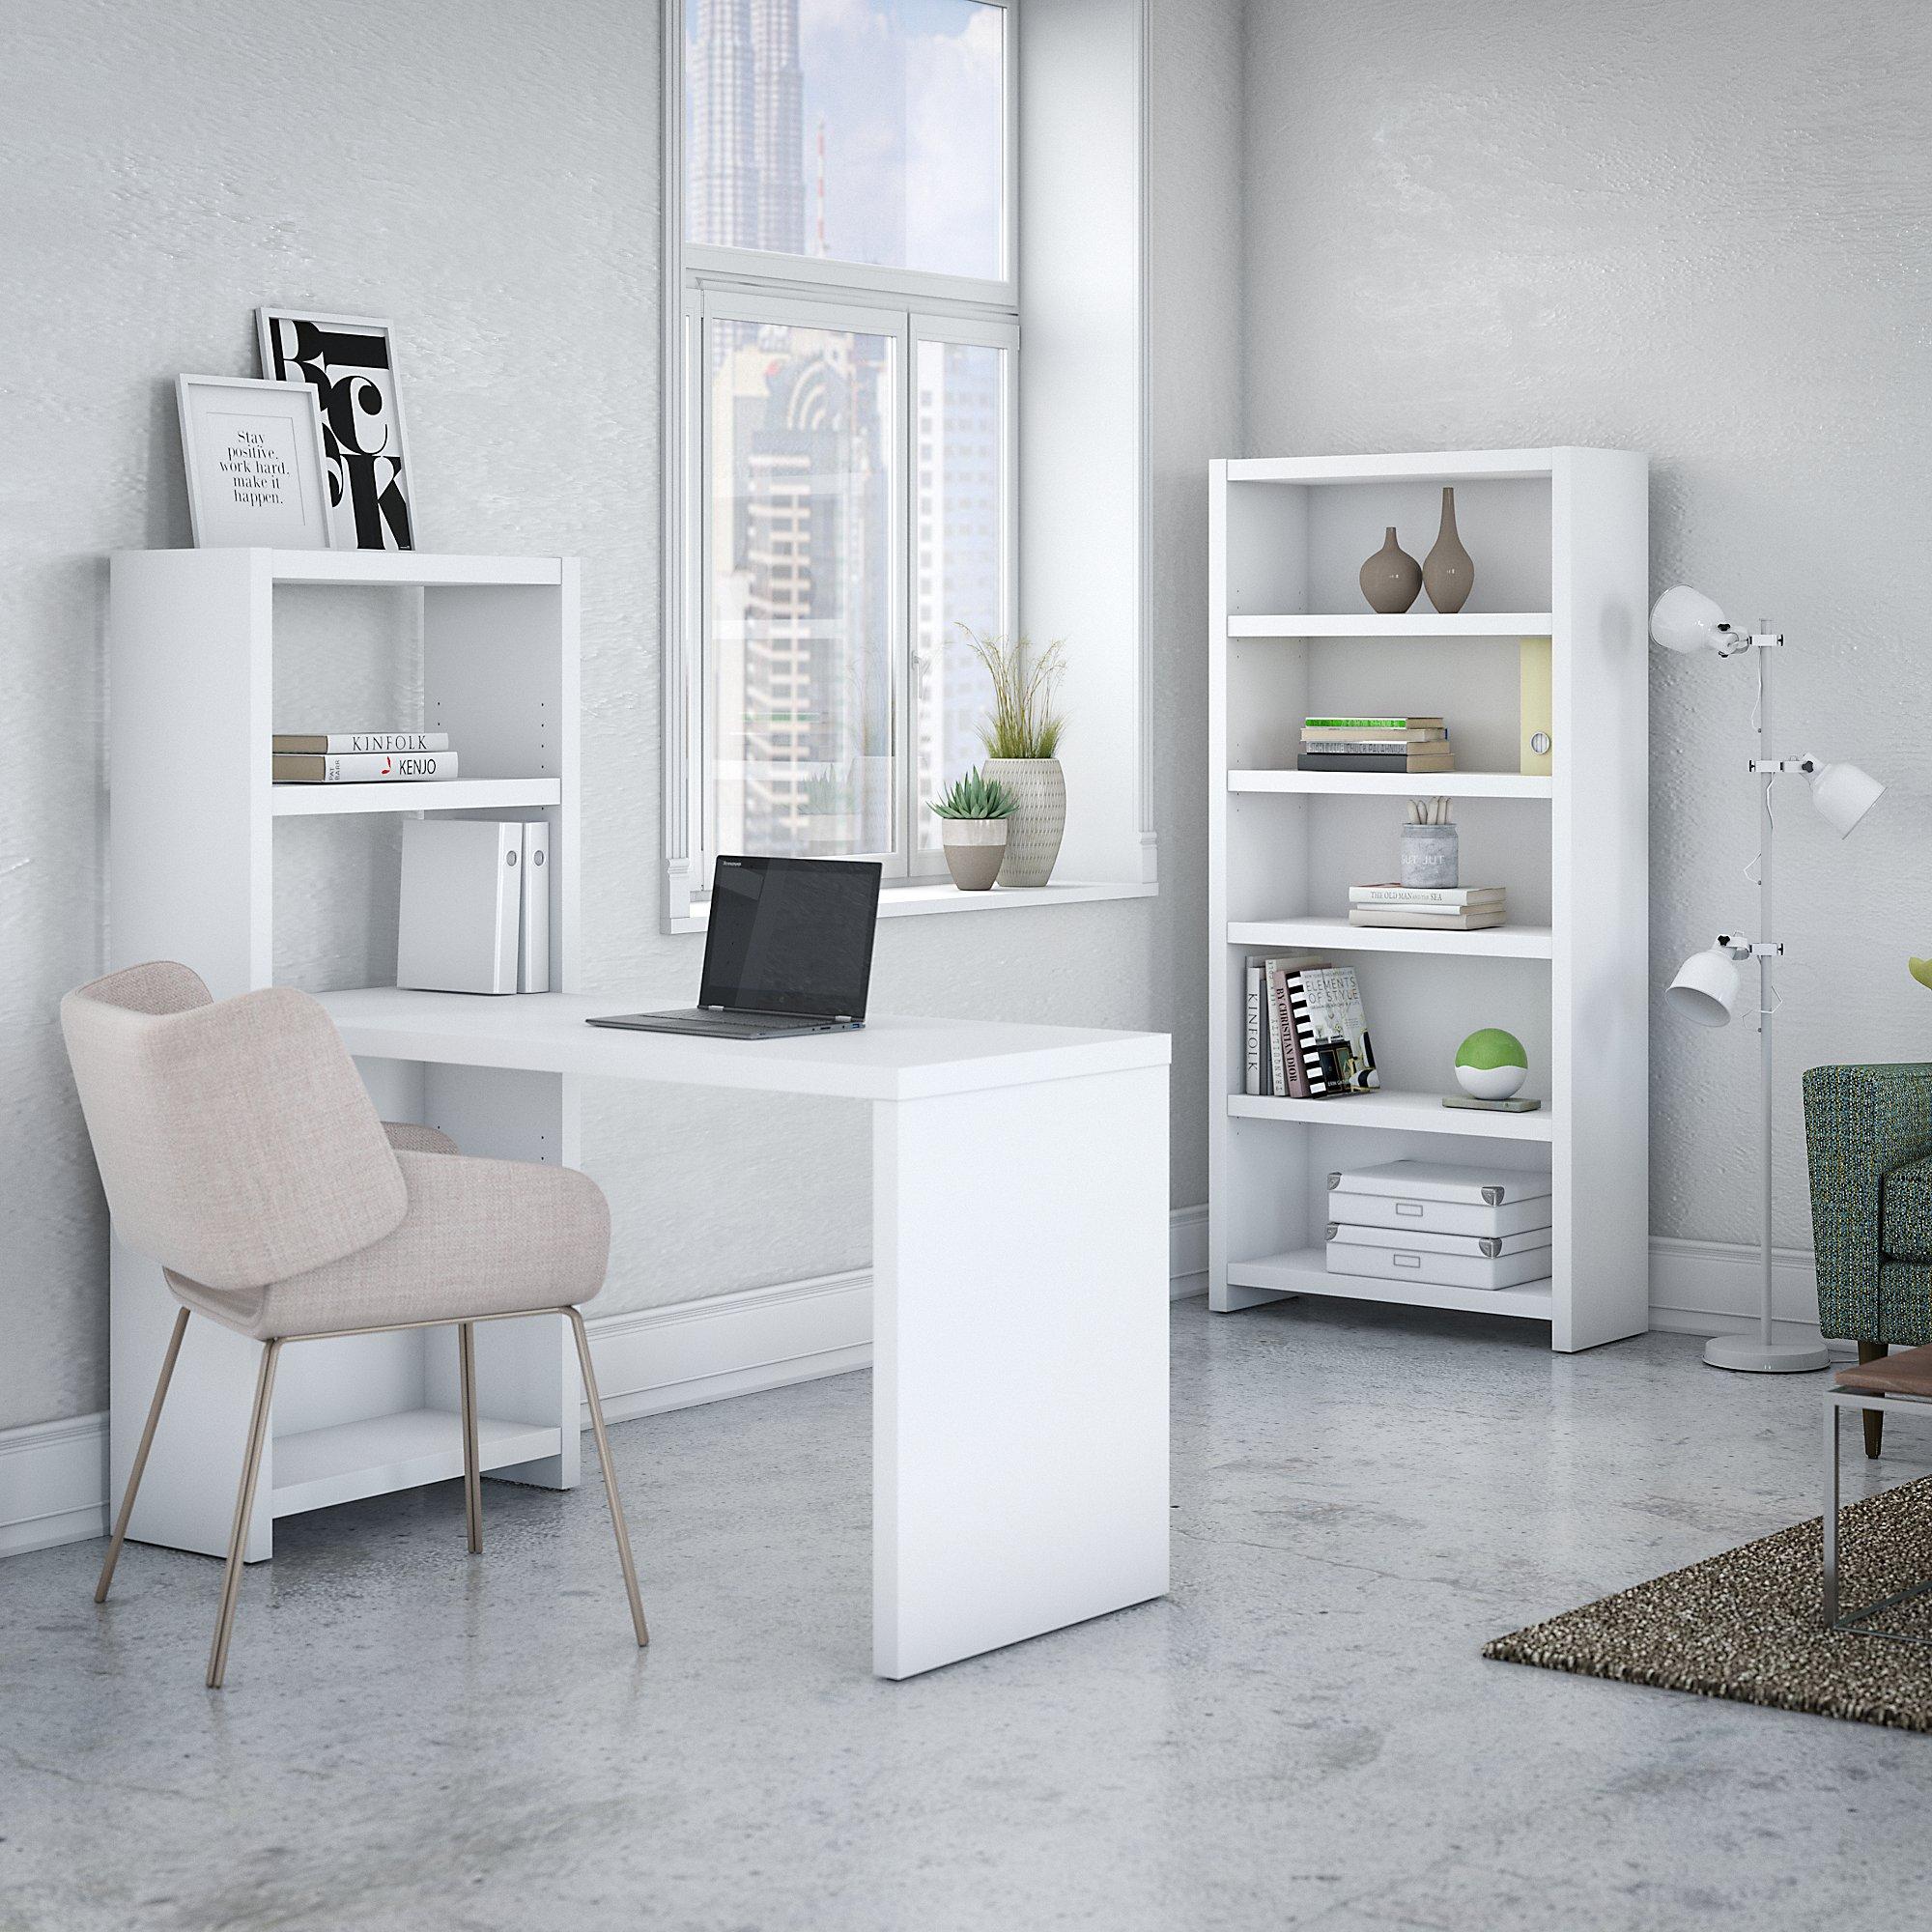 pure white echo bookcase desk with storage